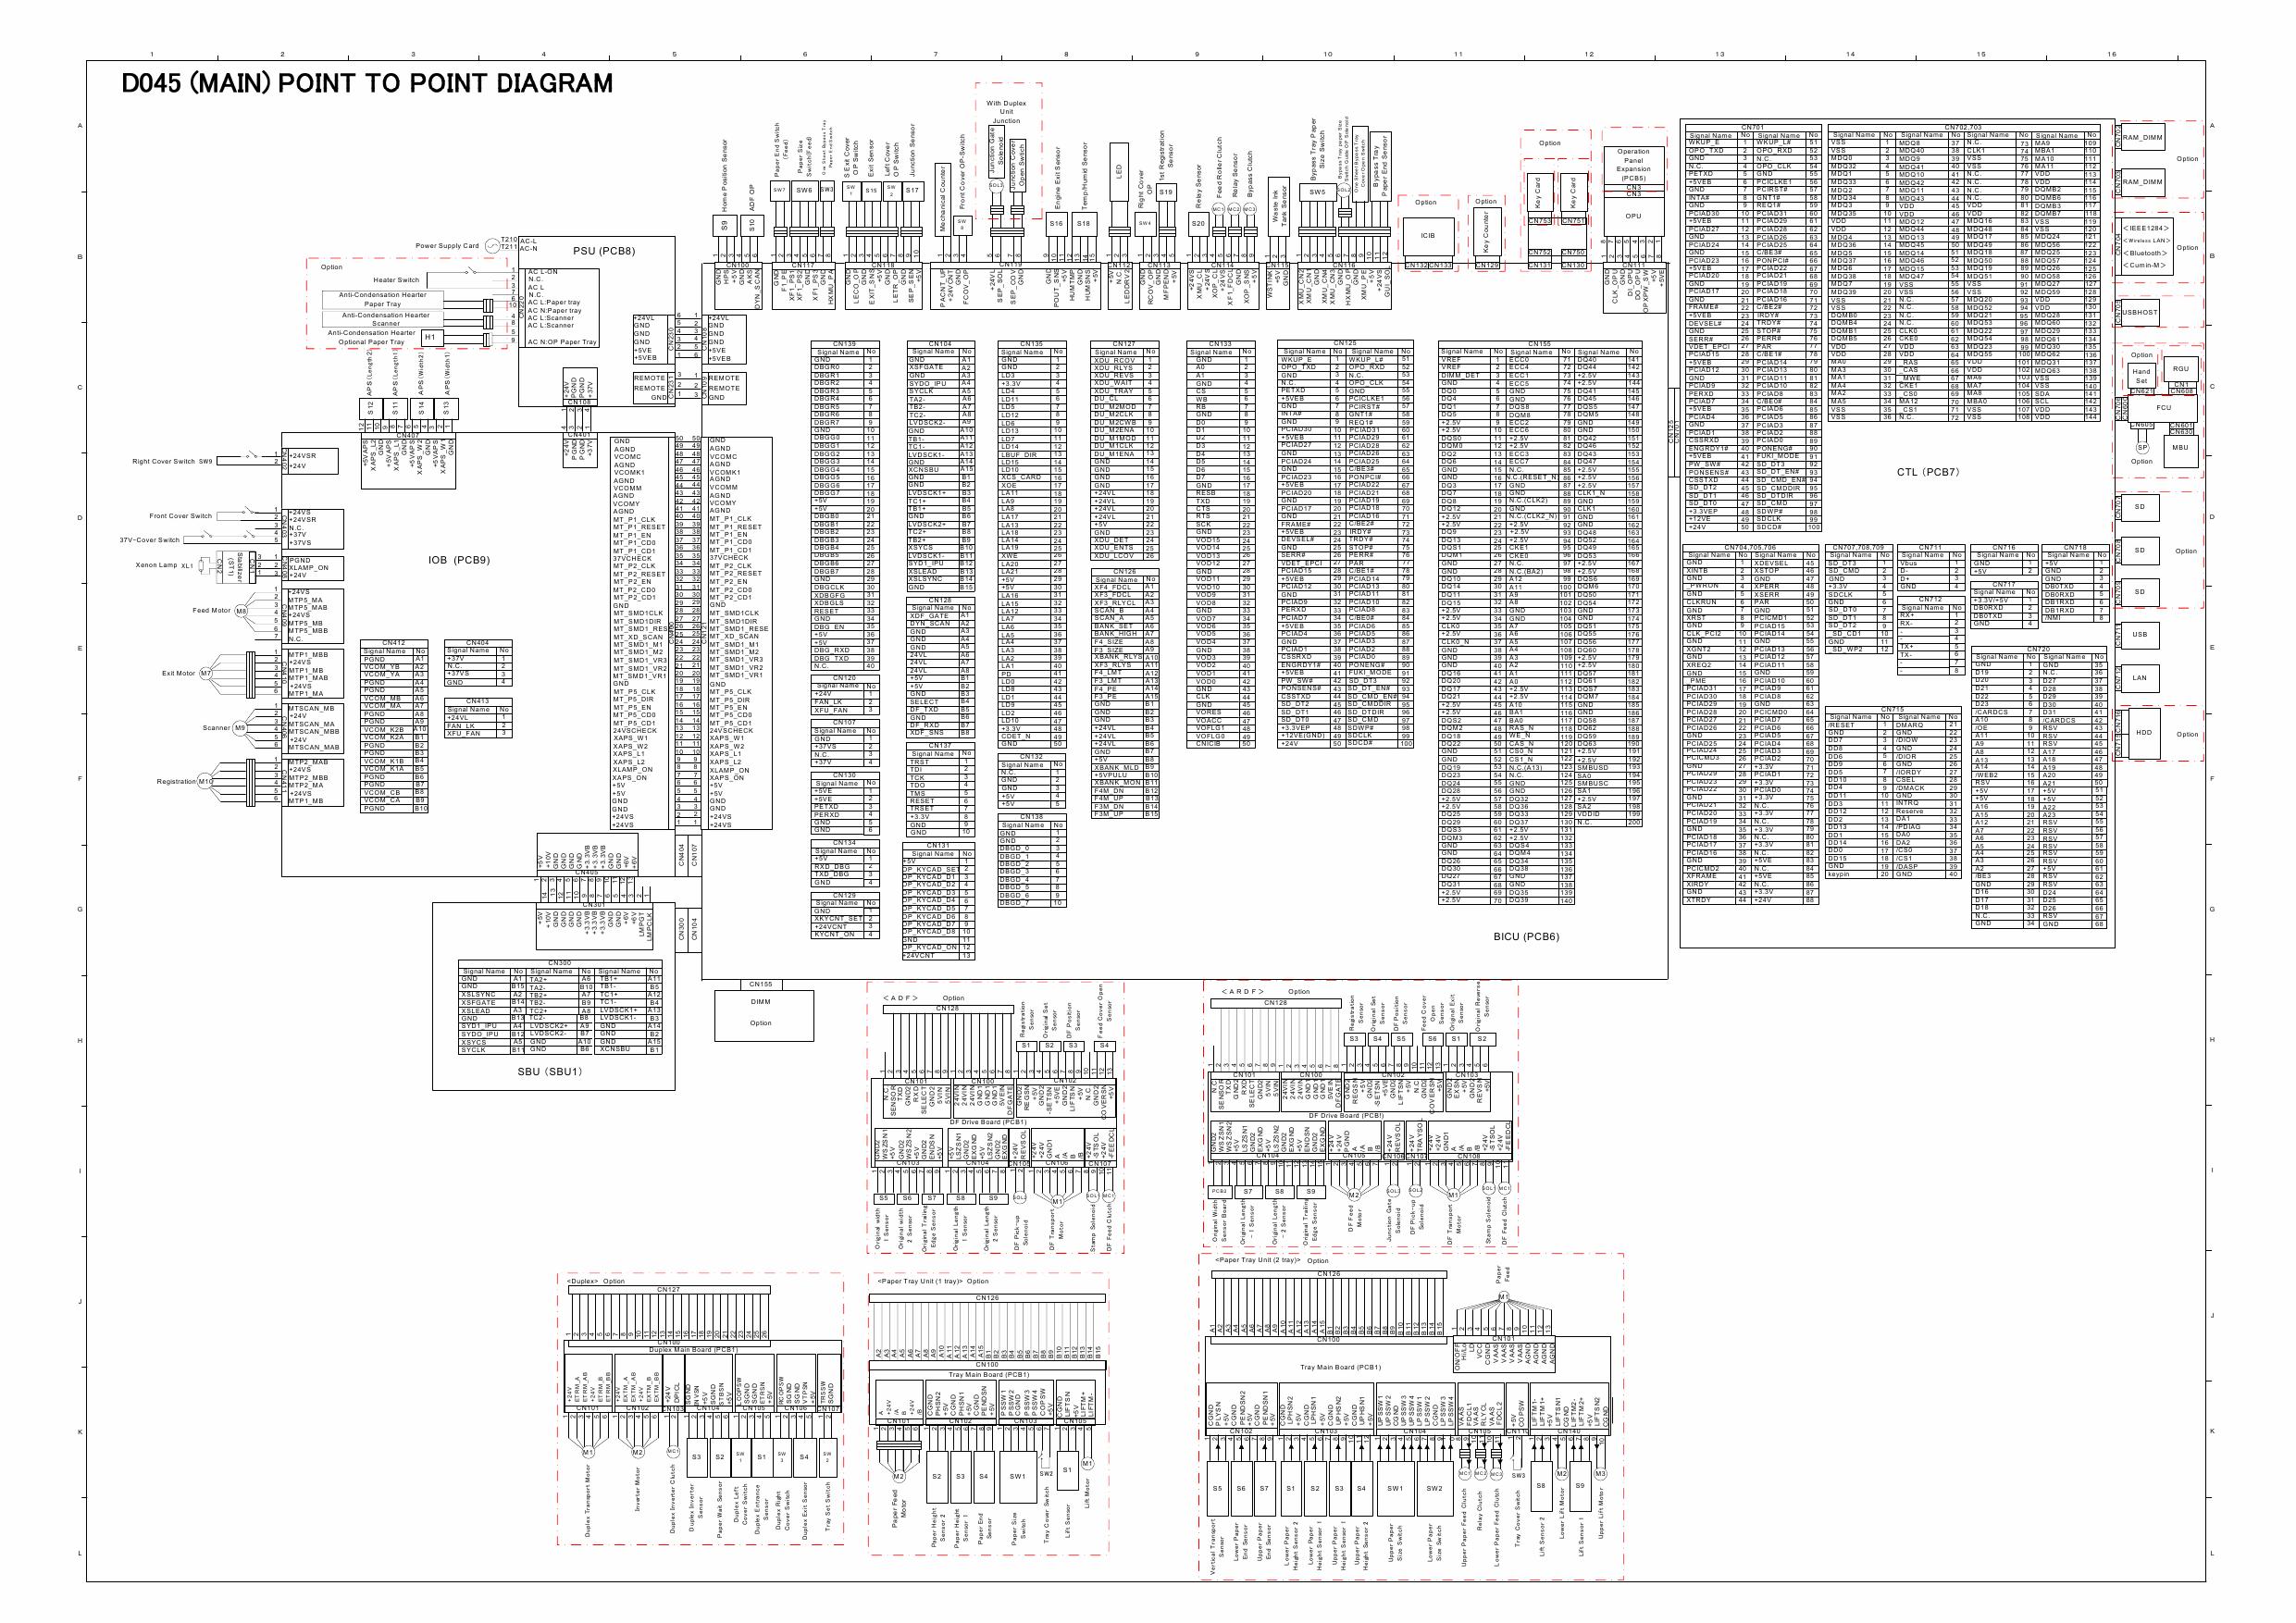 RICOH Aficio MP-C1800 D045 Circuit Diagram